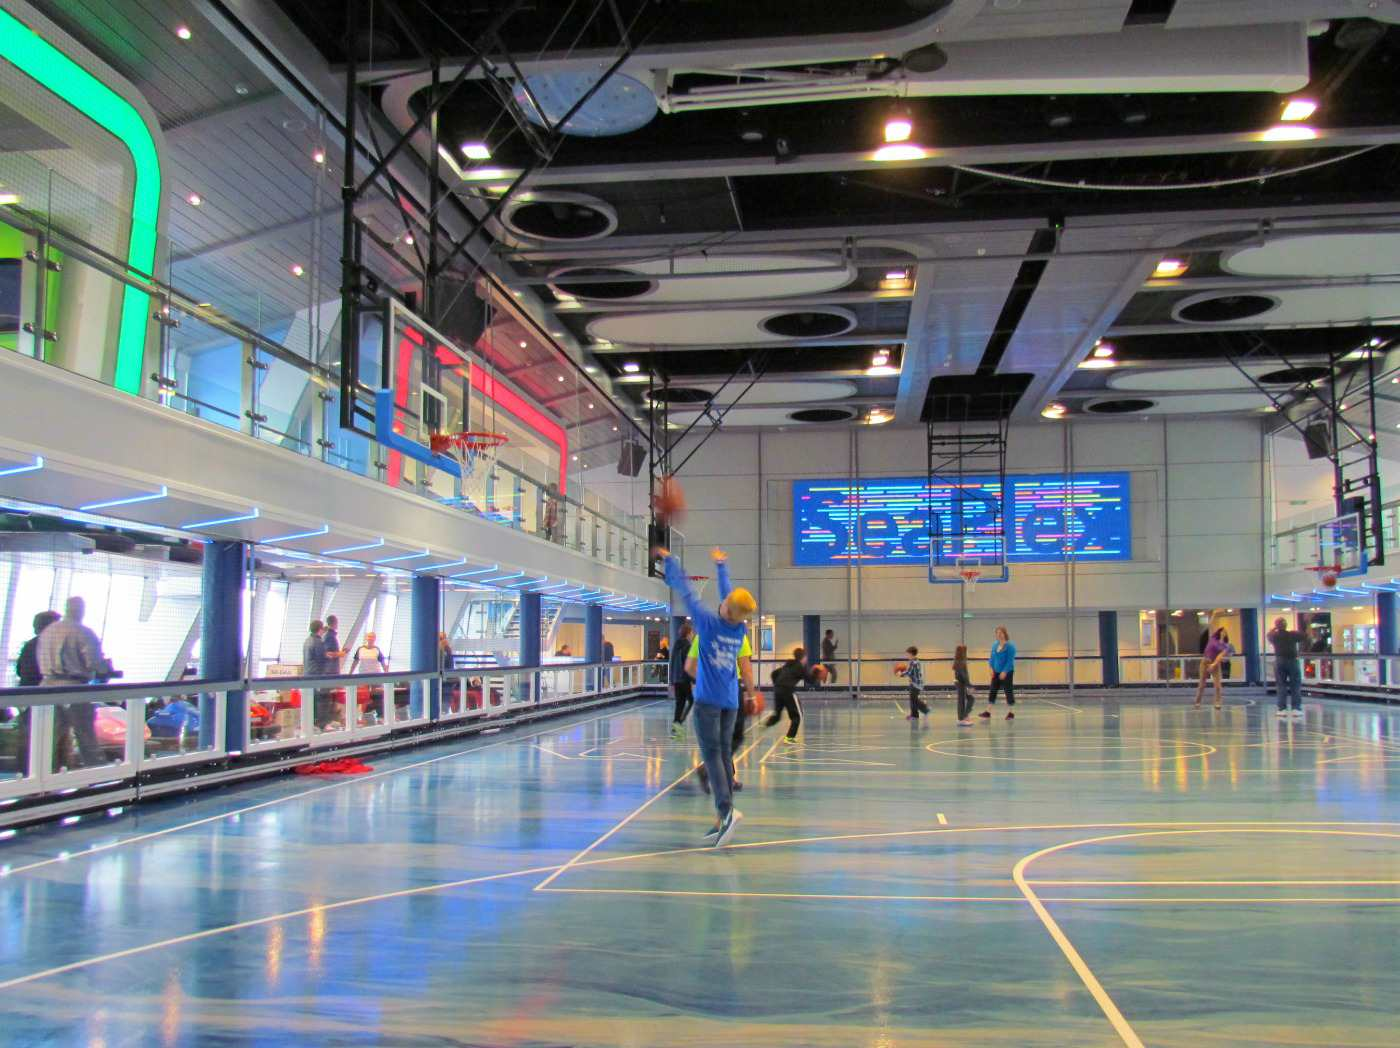 Basketball court in SeaPlex